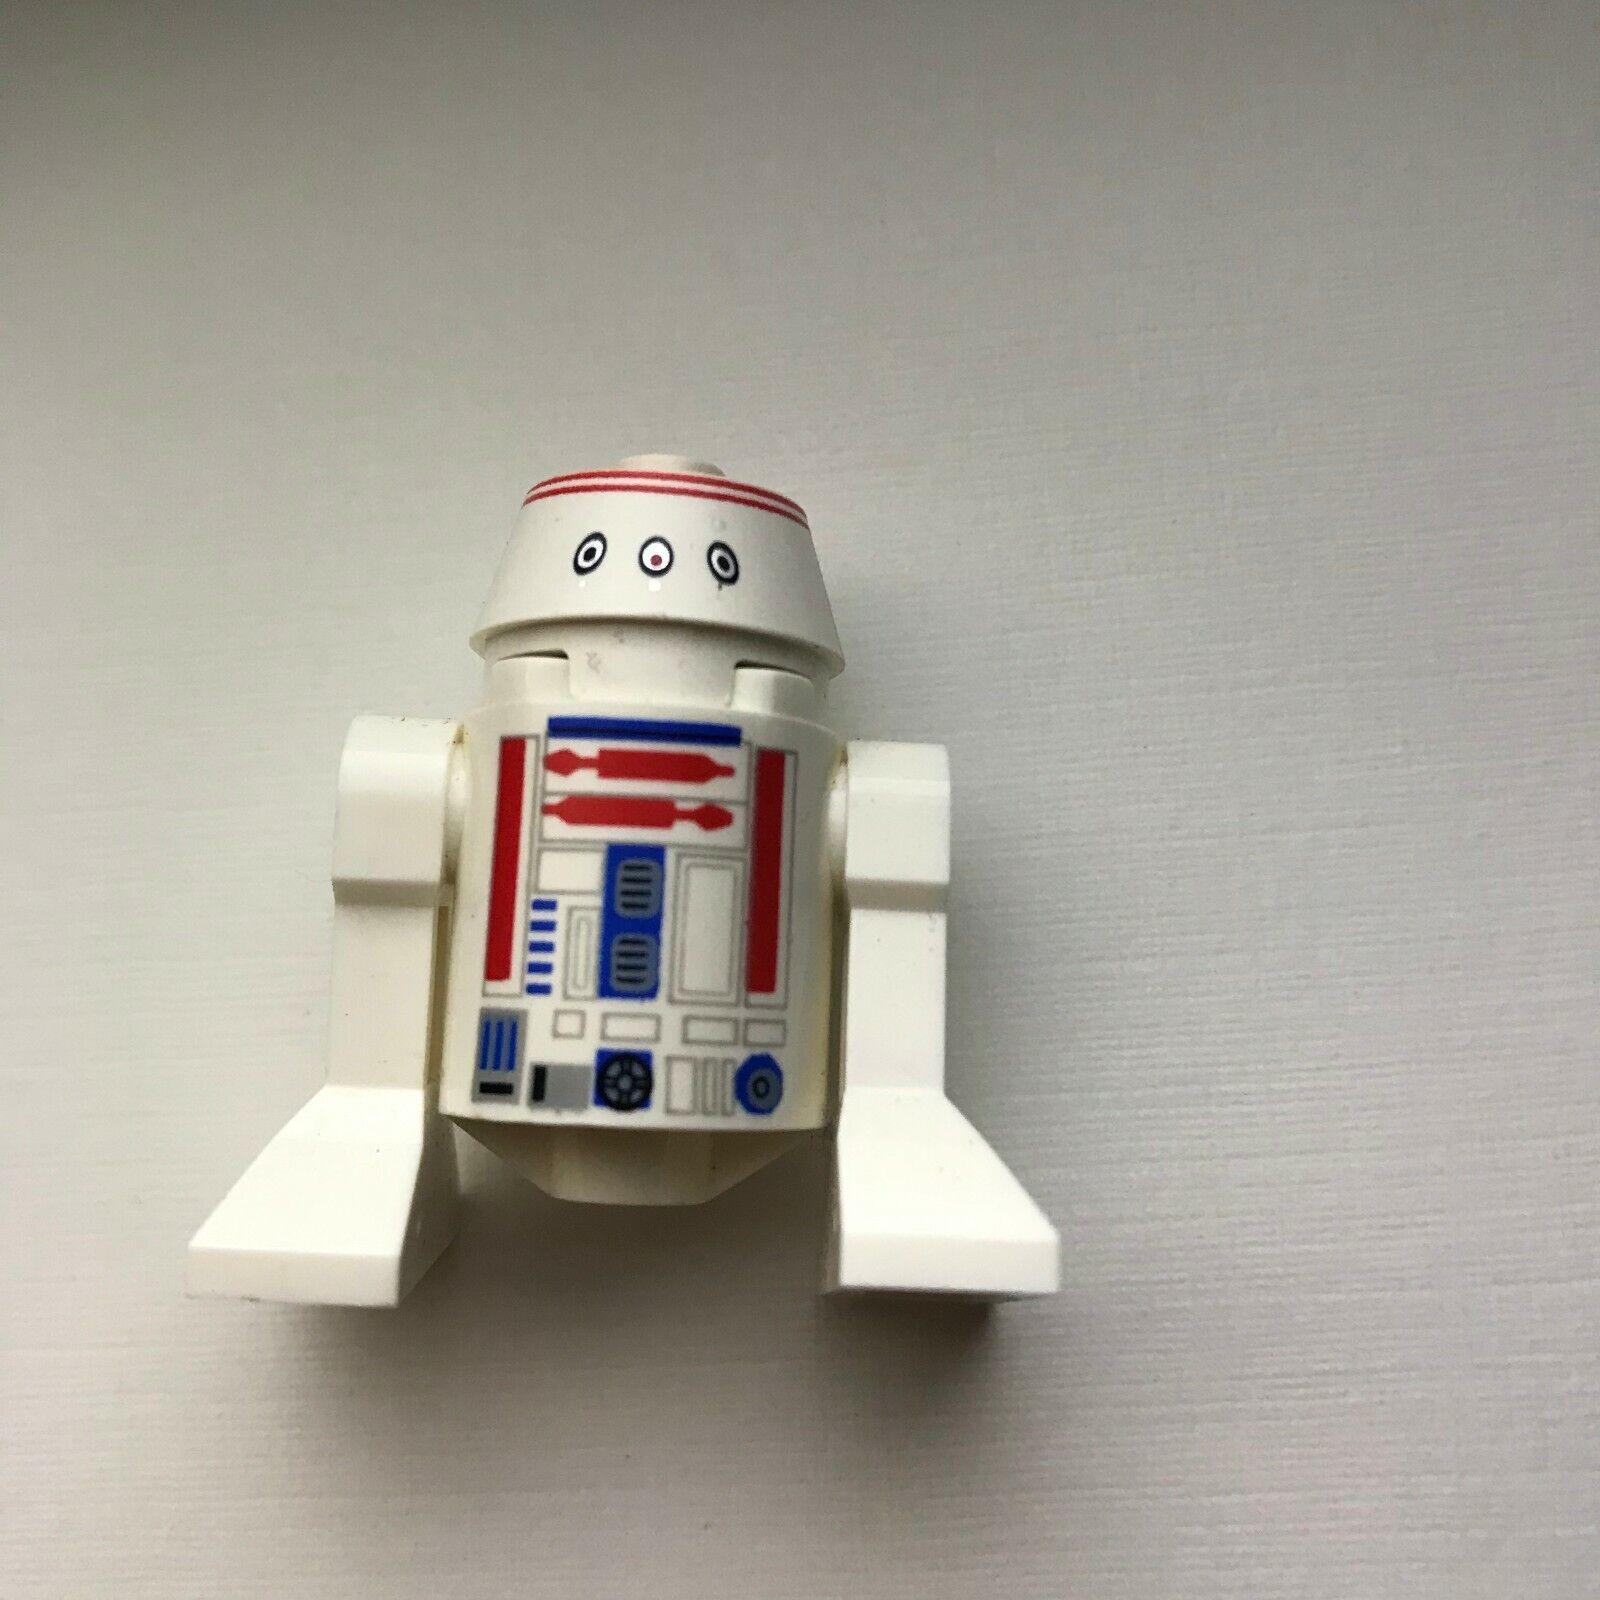 Lego R2-D2 Droid Minifigure Star Wars 10188 8038 10198 8092 9490